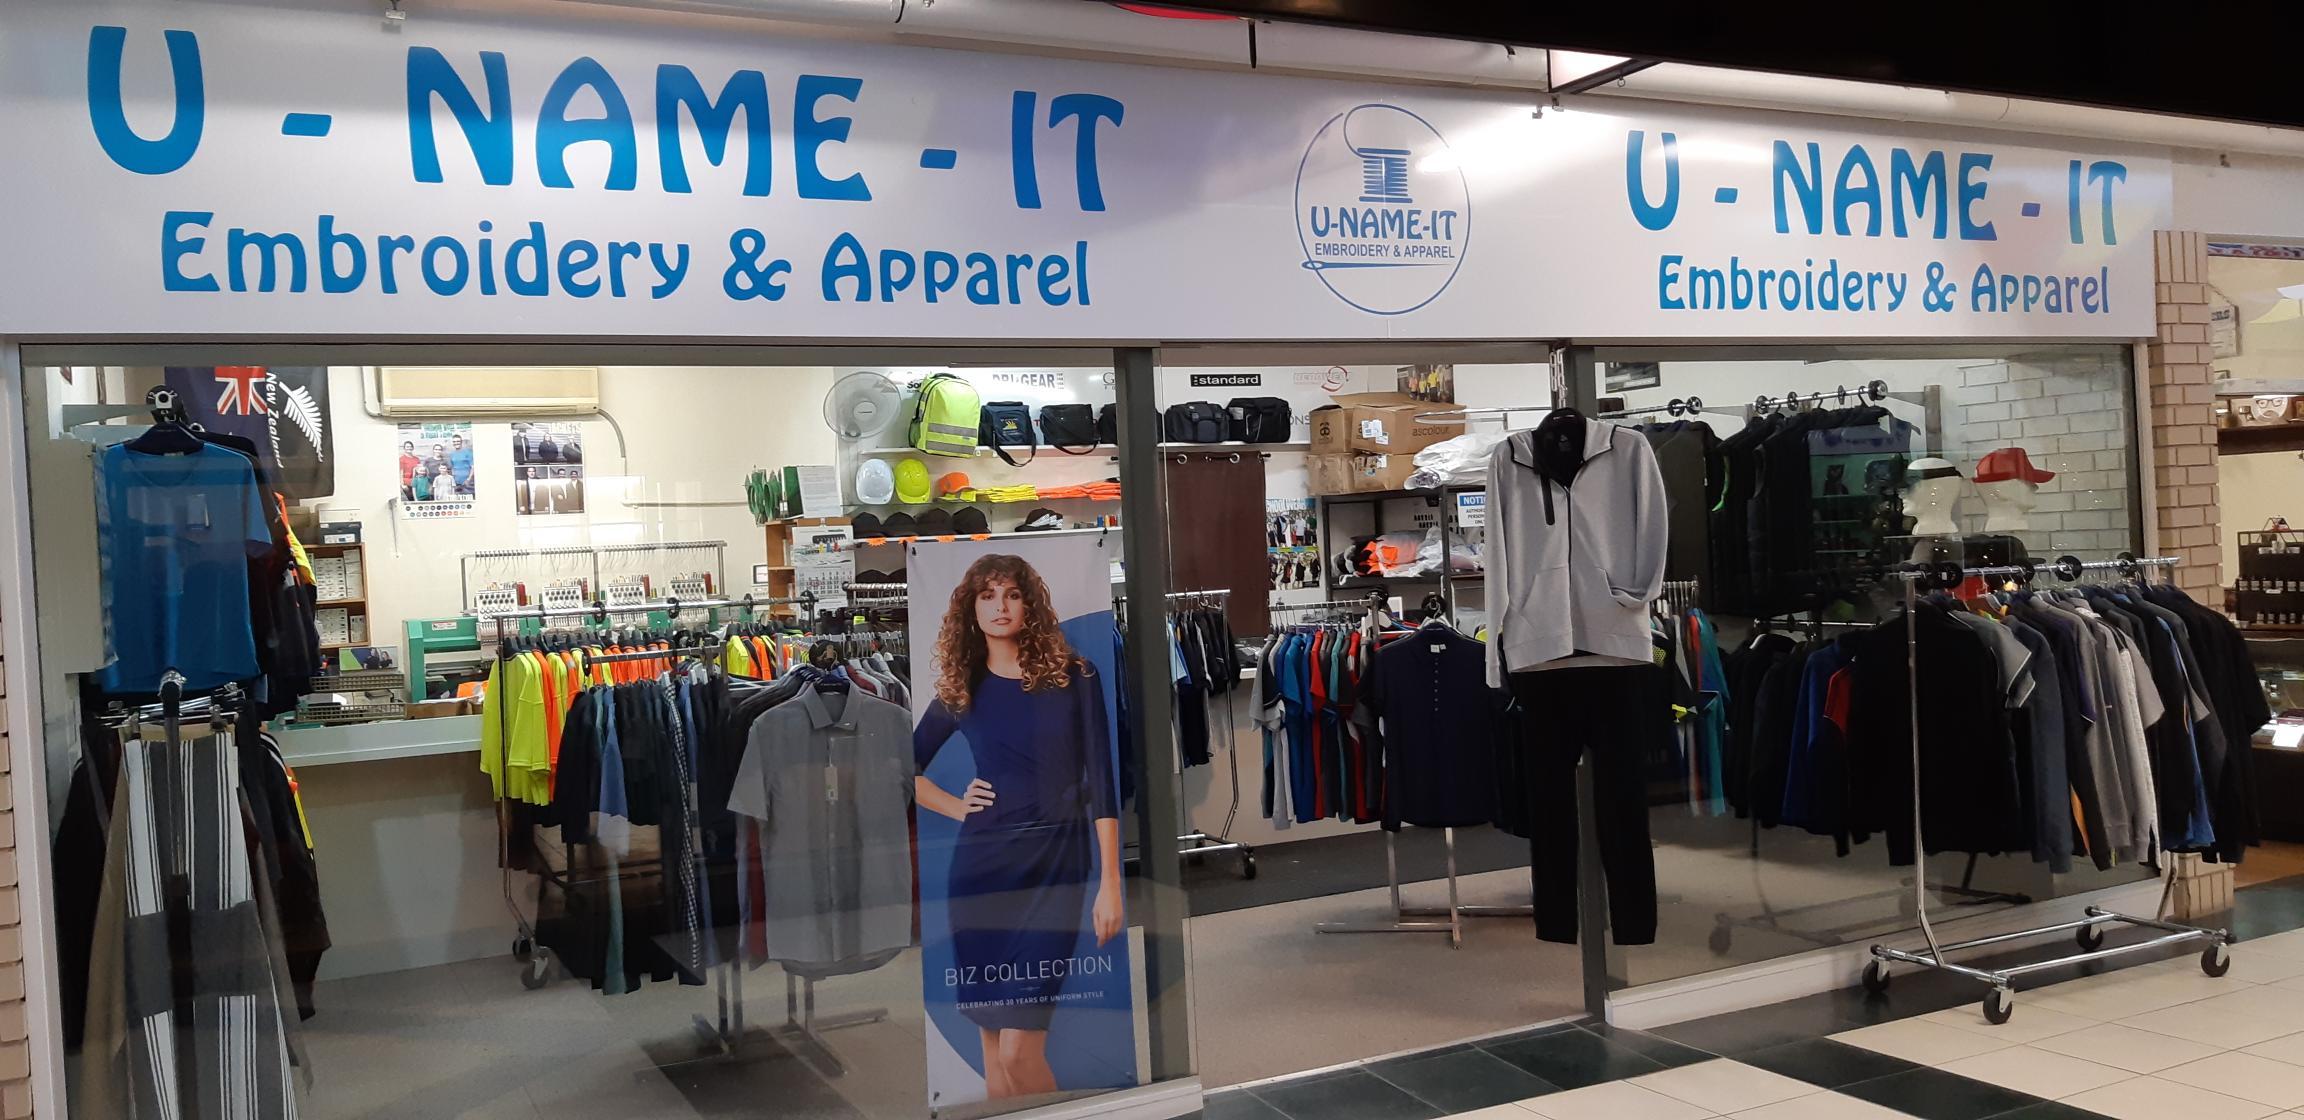 1 - U Name It Clothing & Embroidery Tauranga